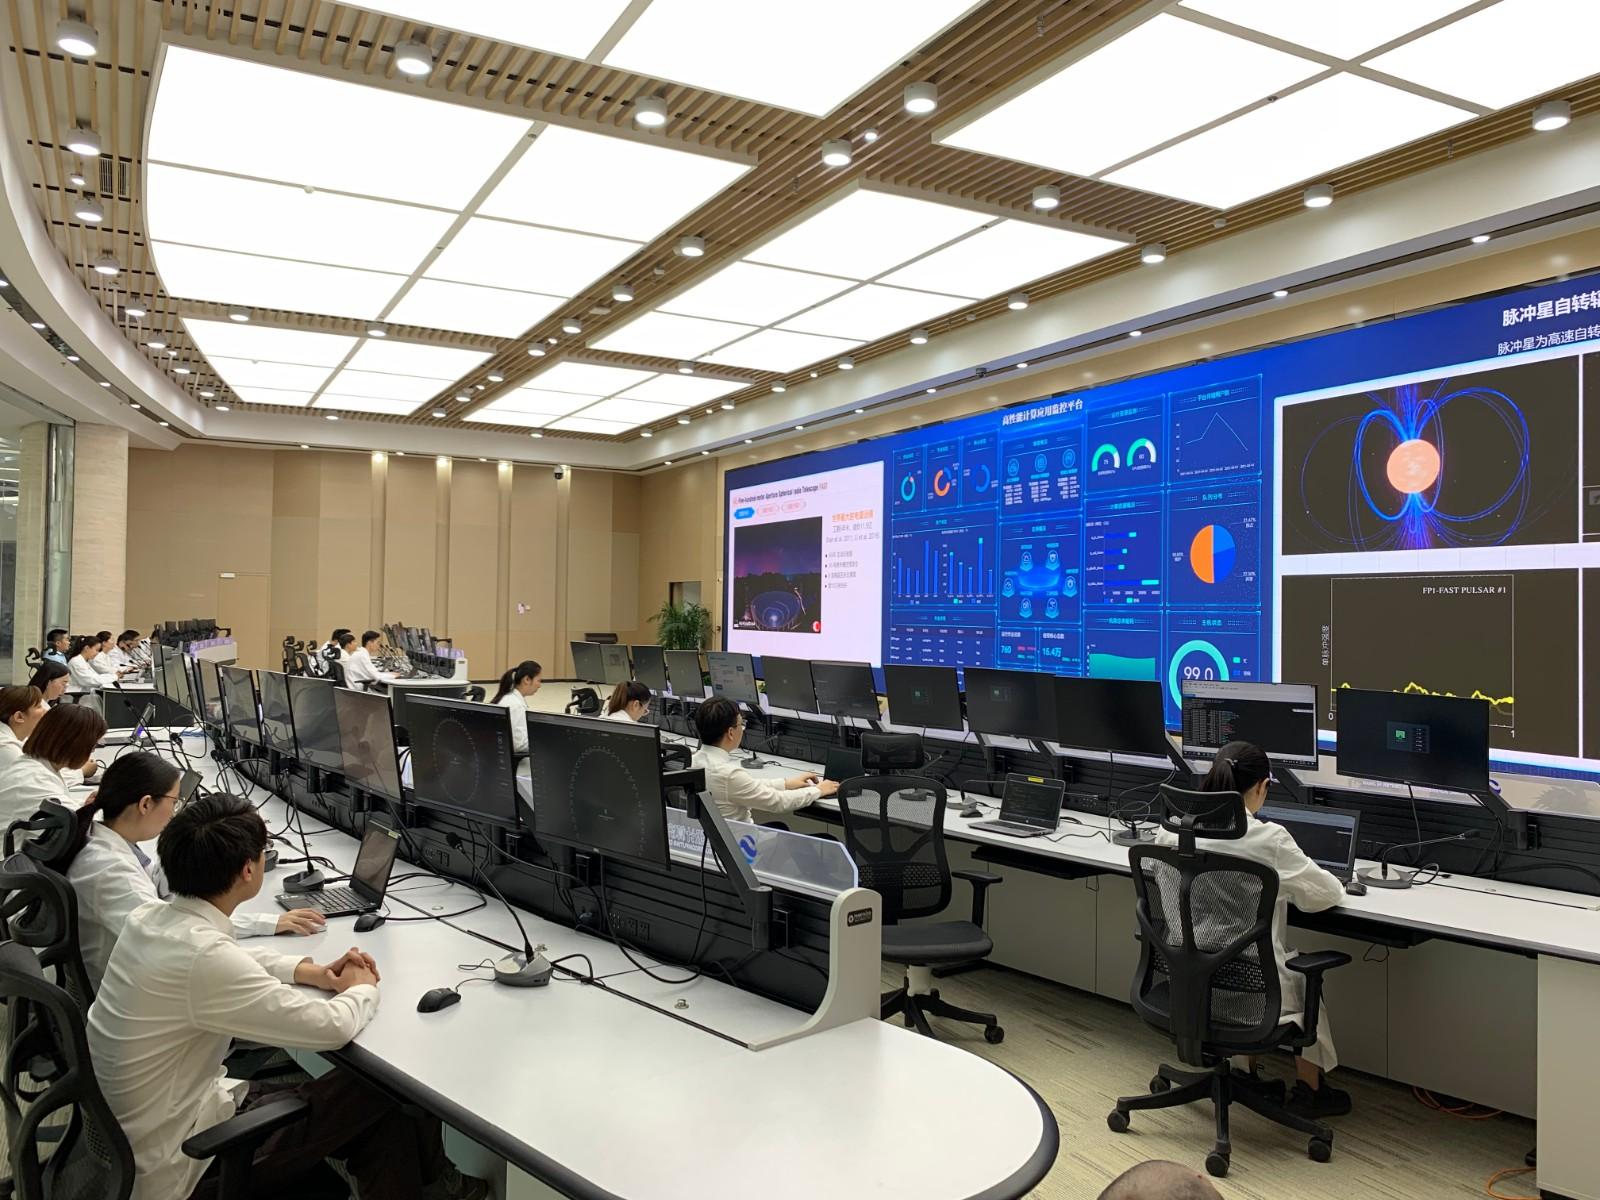 国家超算济南中心ECC大厅